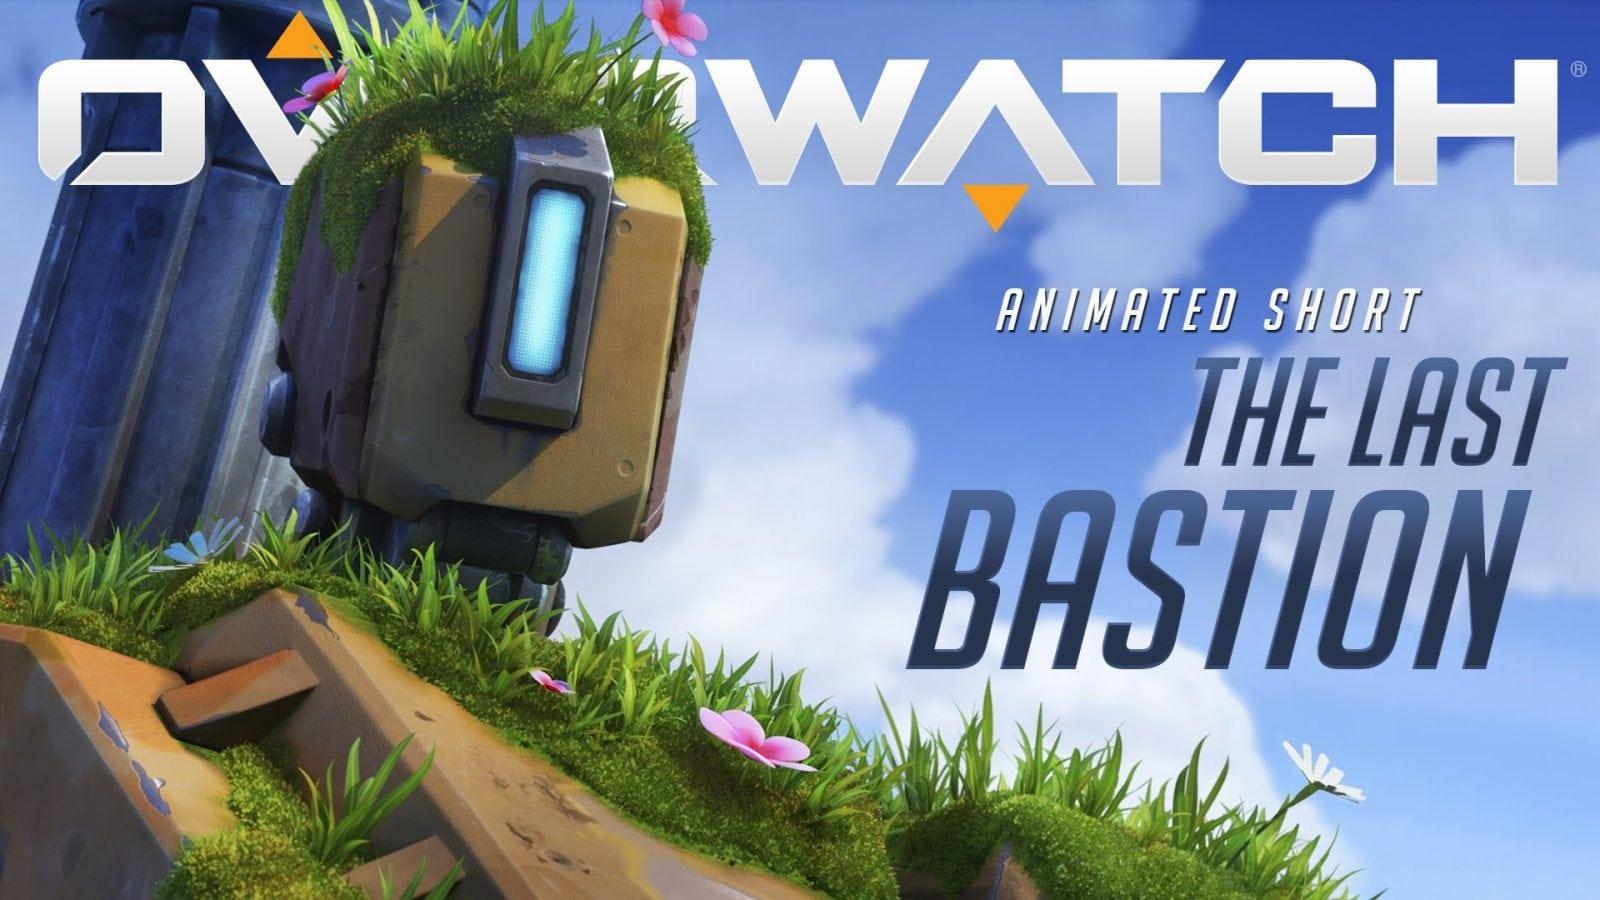 Descubra a origem de Bastion no novo curta animado de Overwatch